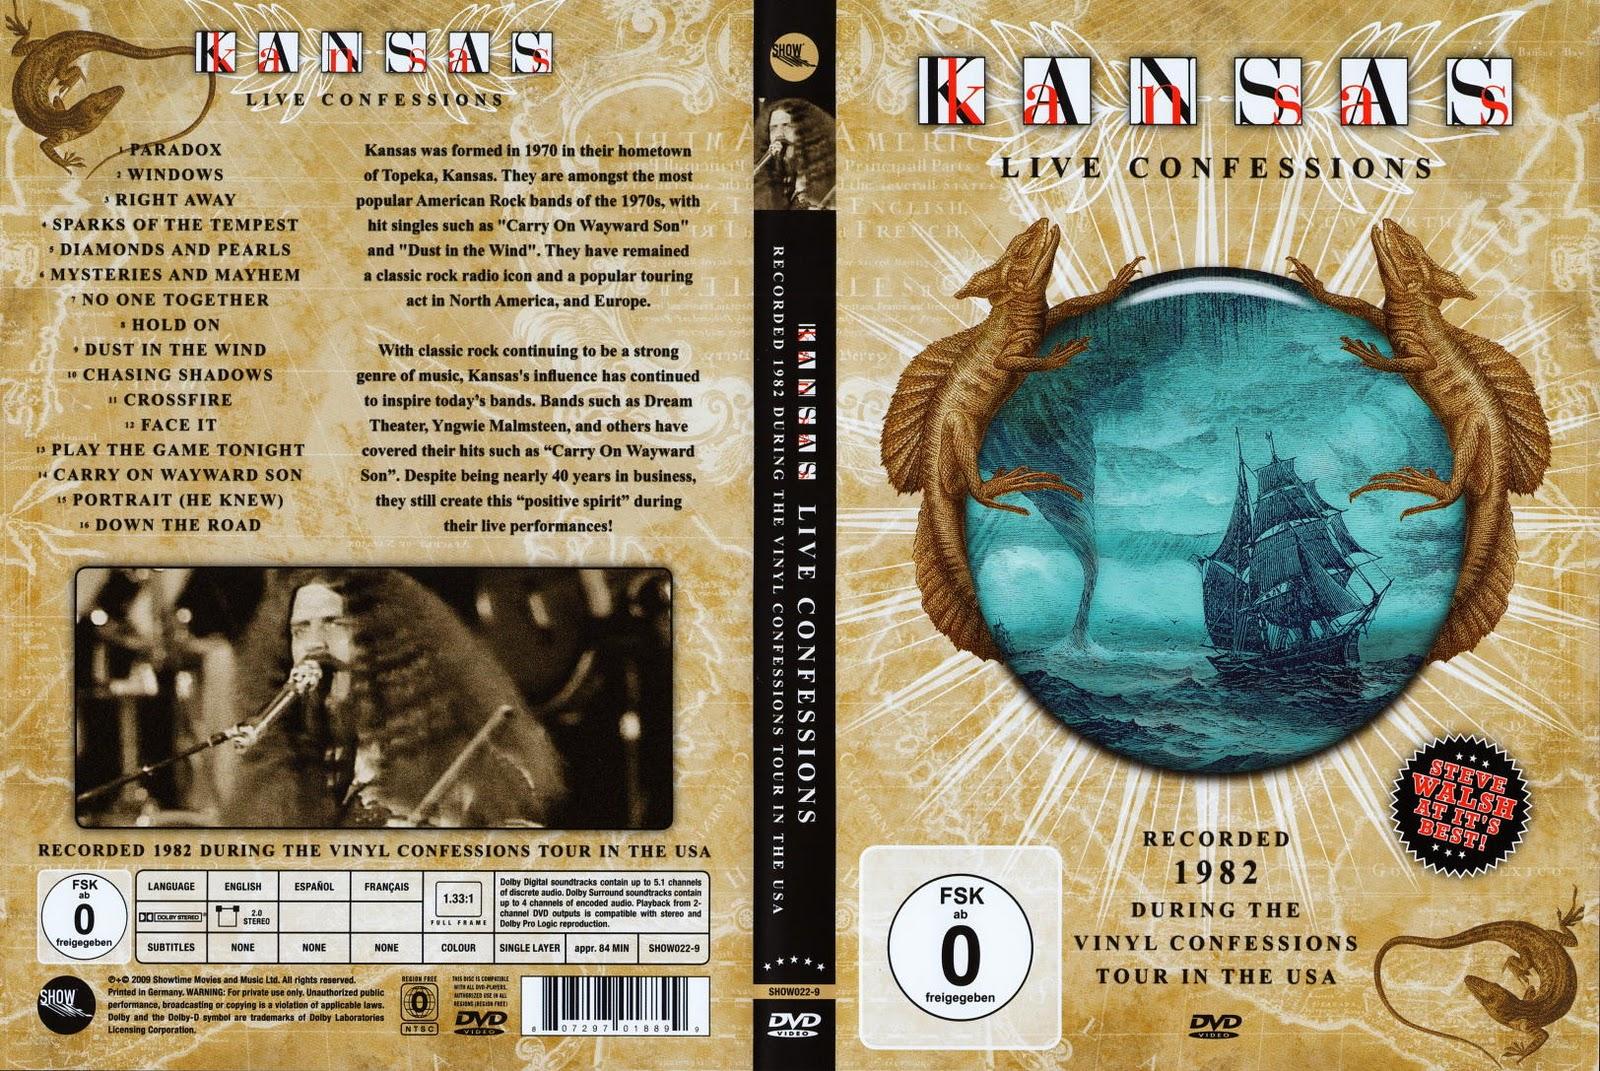 http://3.bp.blogspot.com/_dpj8cXZxGgs/TMNE-igF5XI/AAAAAAAAAKA/uT-x9yBpSfw/s1600/kansas+live+confesions.JPG